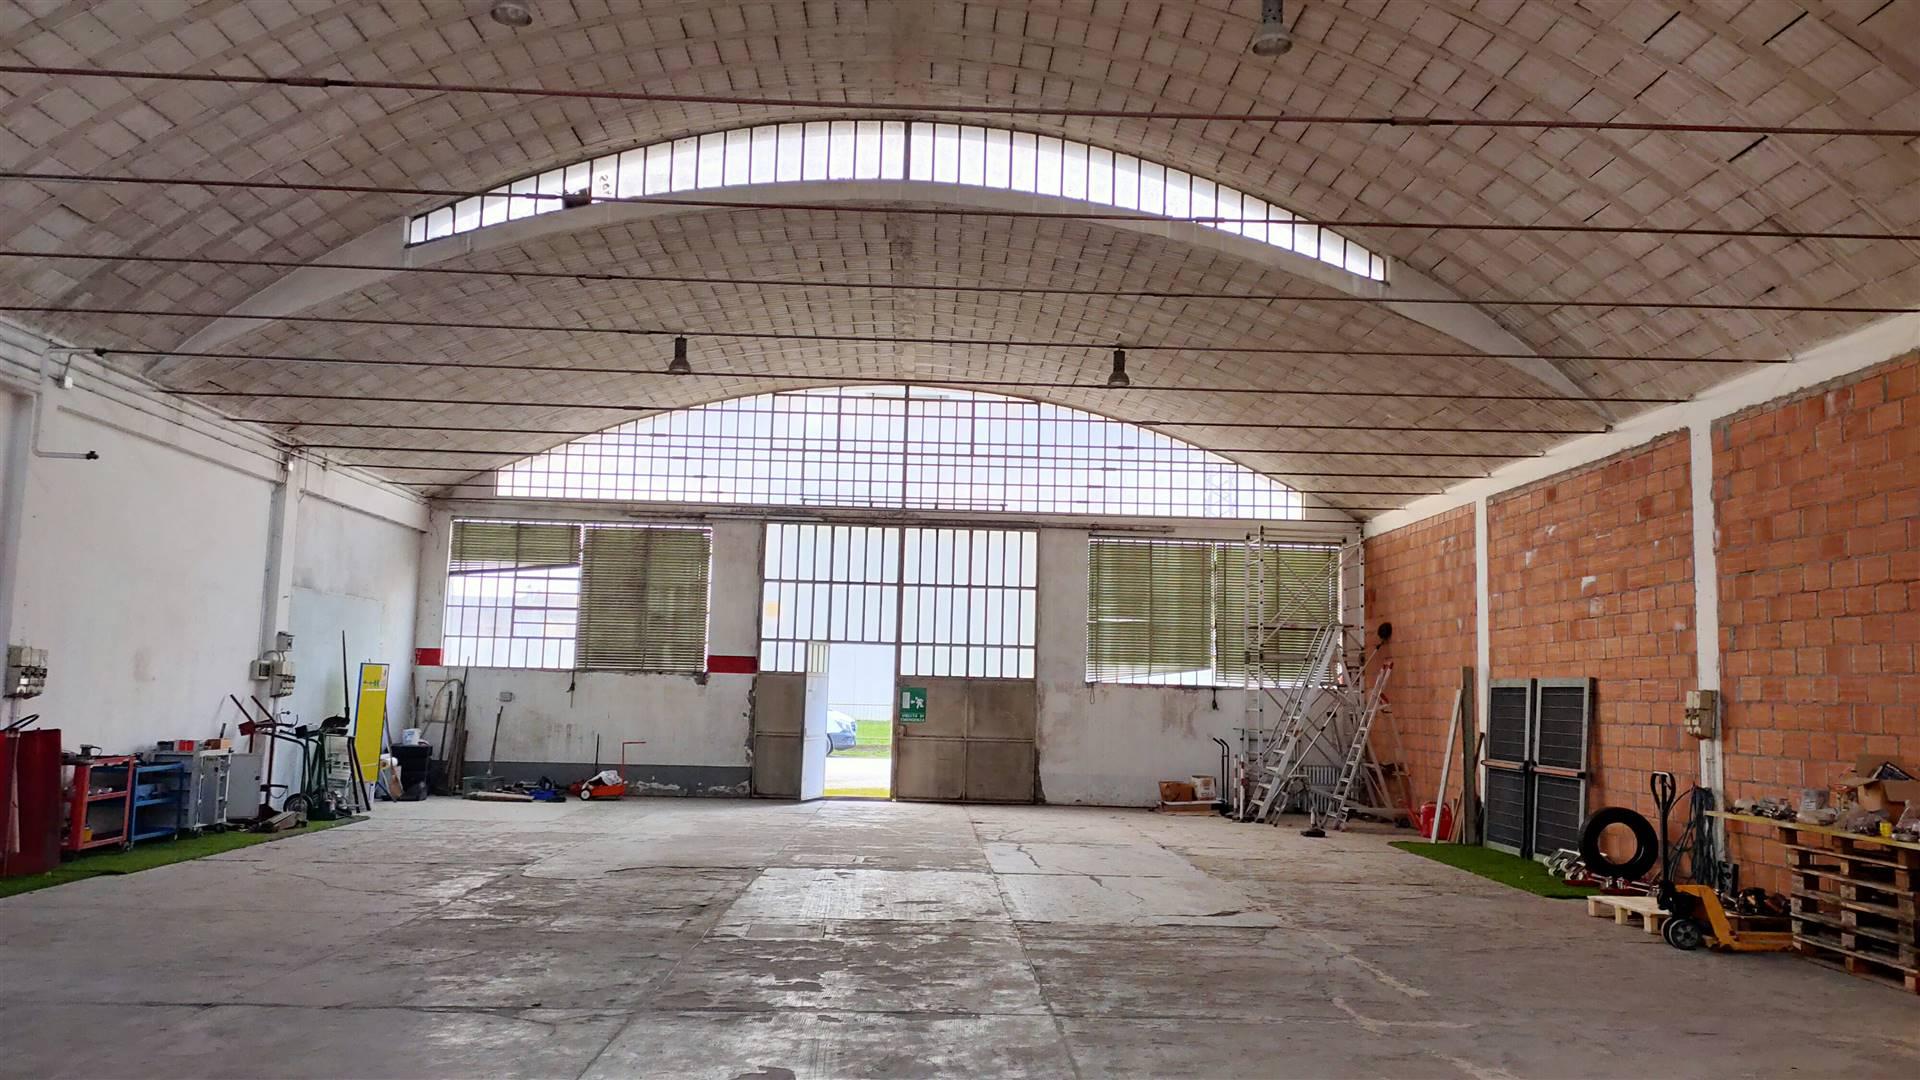 Immobile Commerciale in vendita a Este, 10 locali, prezzo € 310.000 | CambioCasa.it